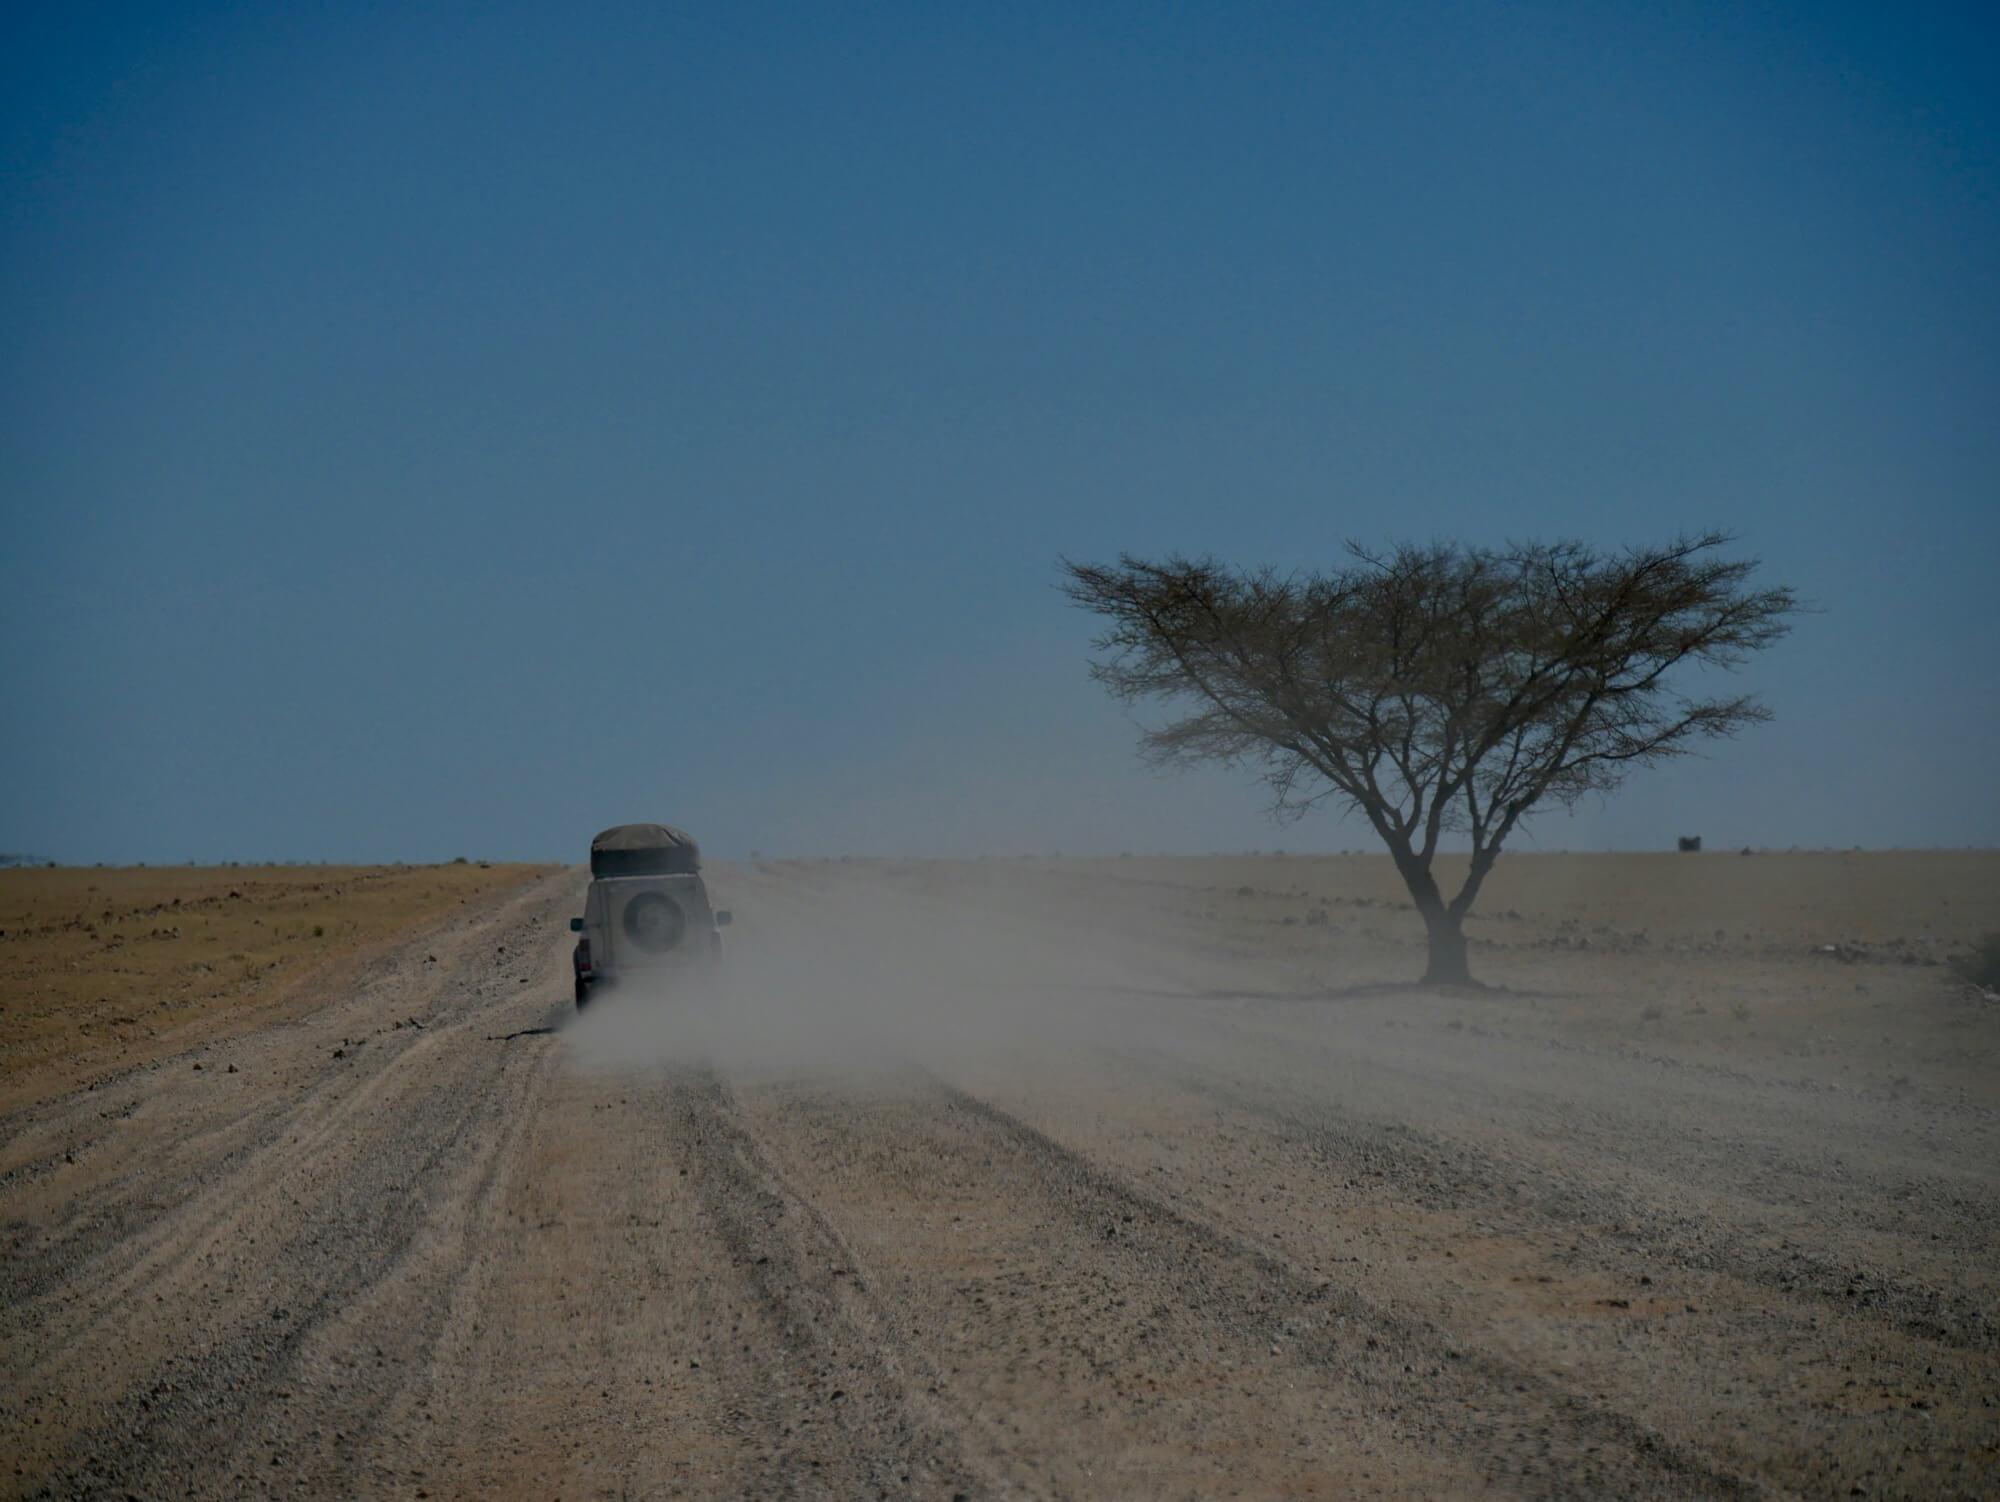 4x4 soulevant beaucoup de poussière sur les pistes de Namibie